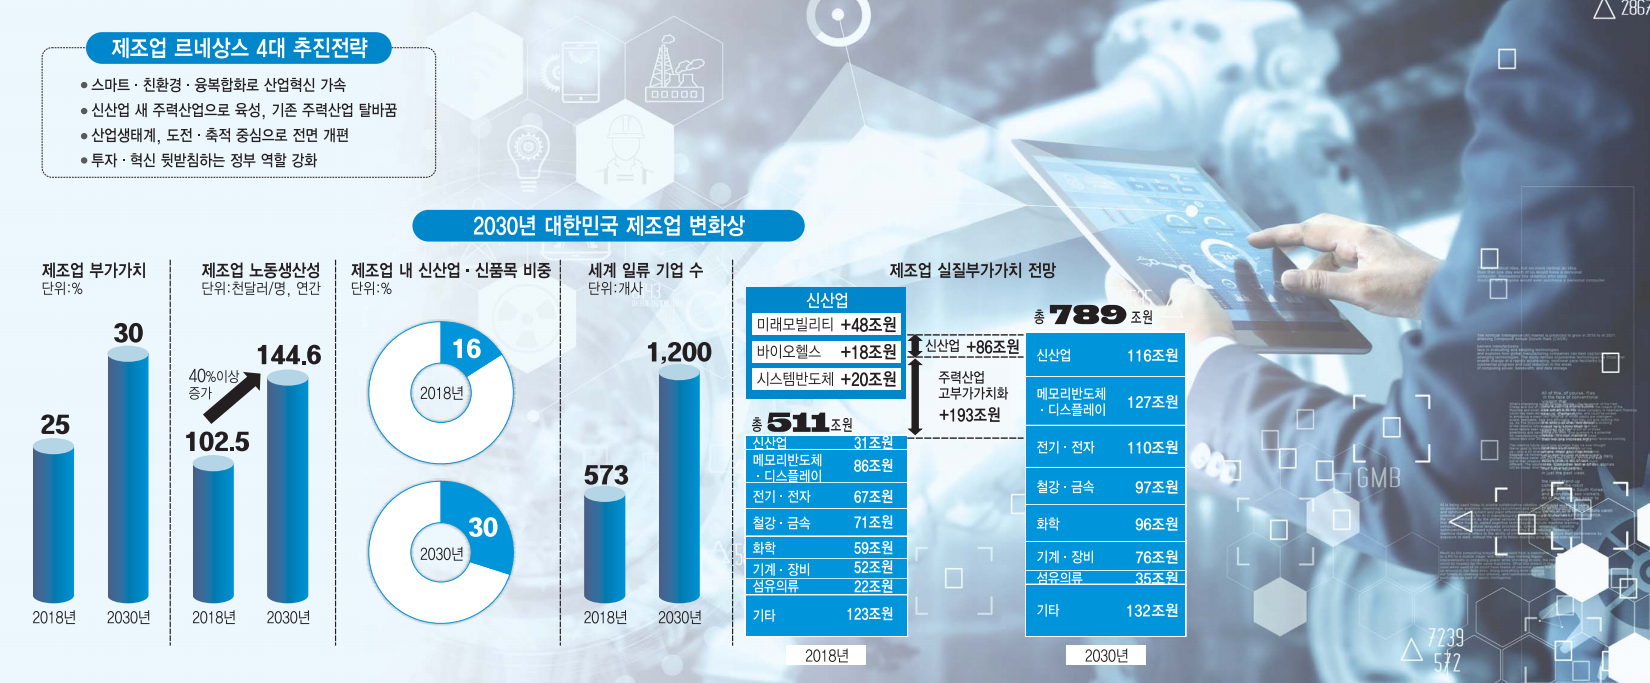 """[이슈분석] """"2030년 제조 4대 강국 도약""""…제조업 르네상스 비전 살펴보니"""